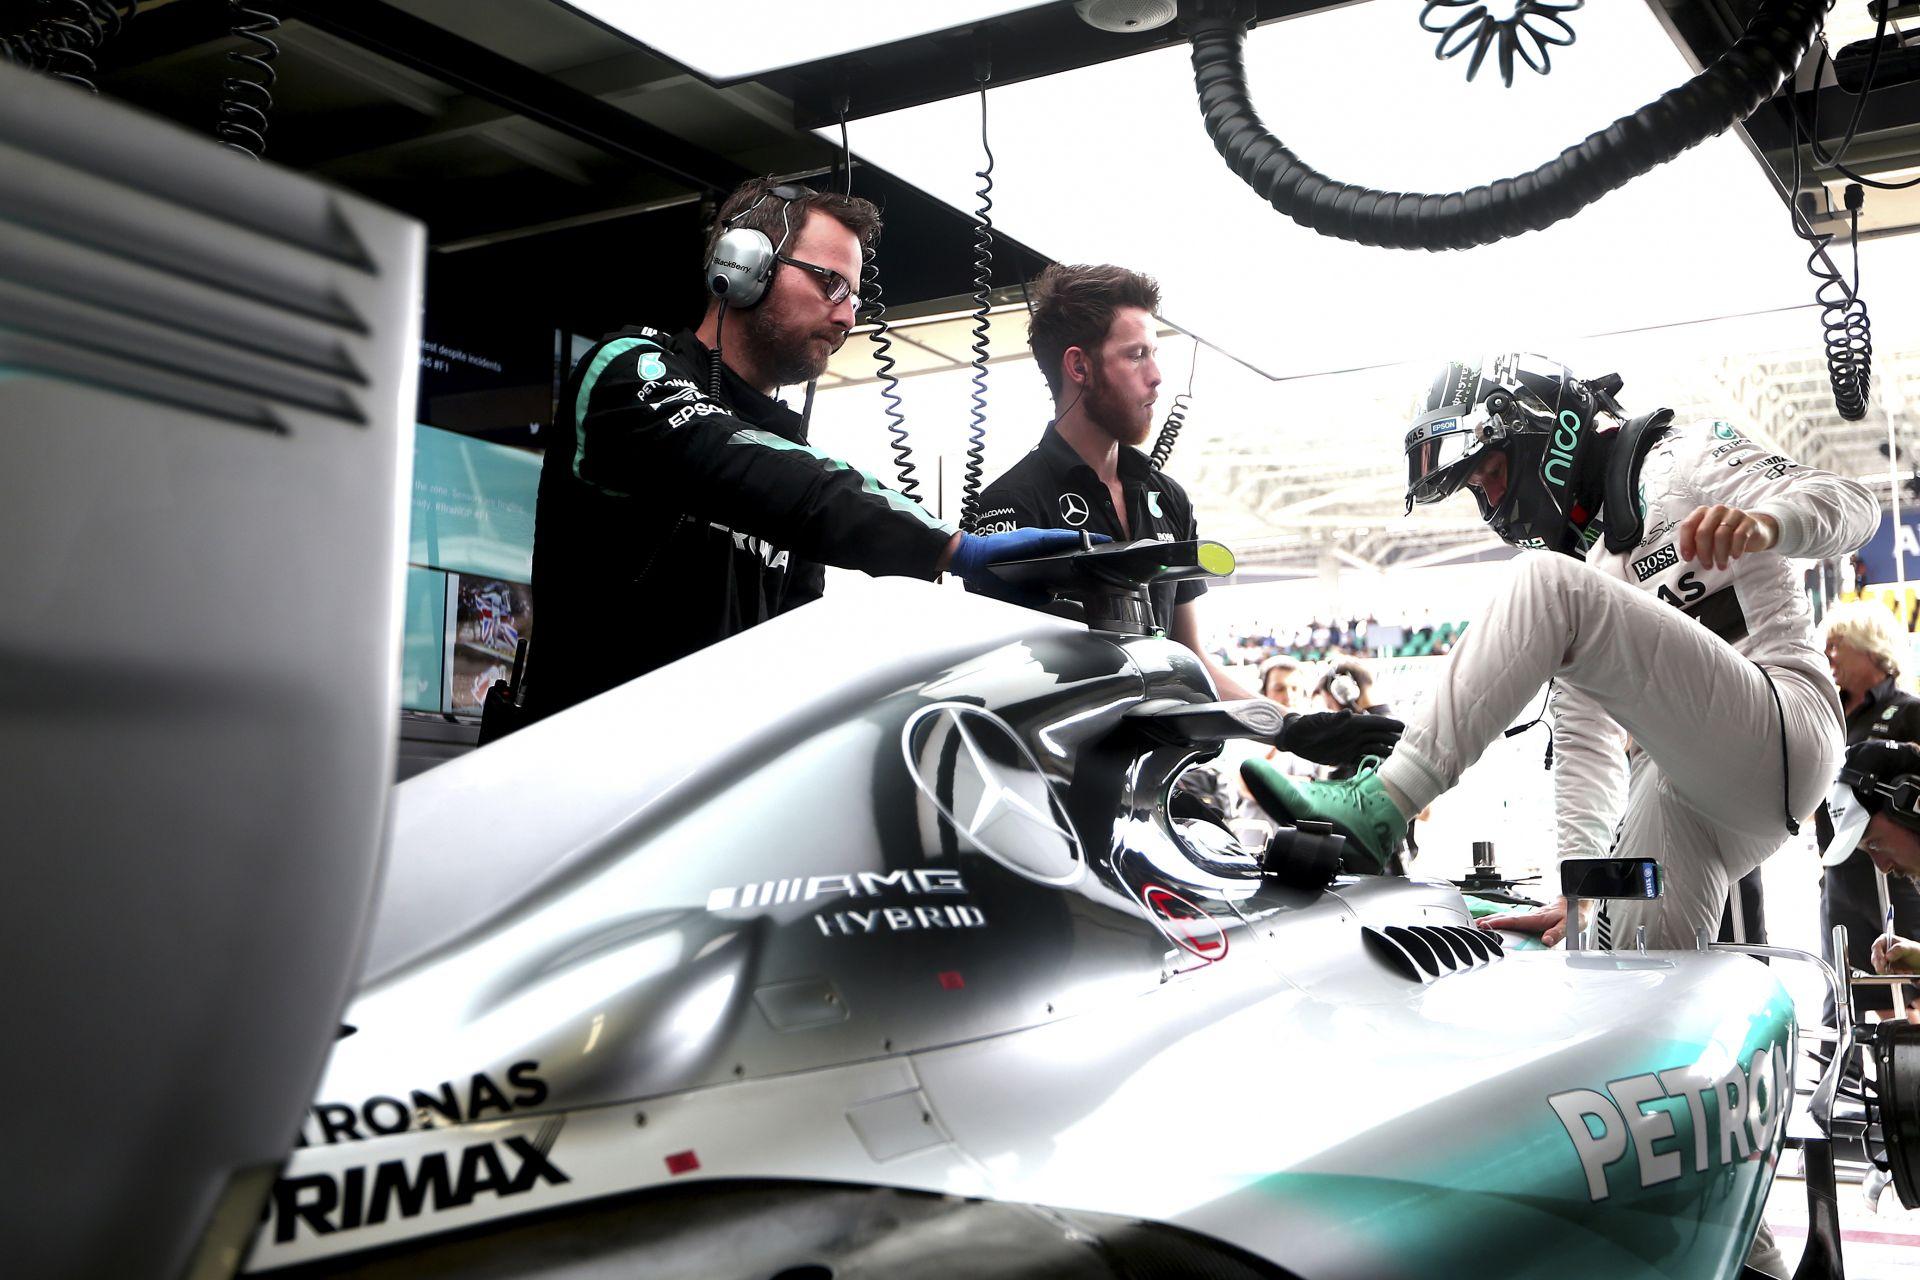 Minek négy motor, ha kettő is elég lenne: agyal az FIA előző elnöke